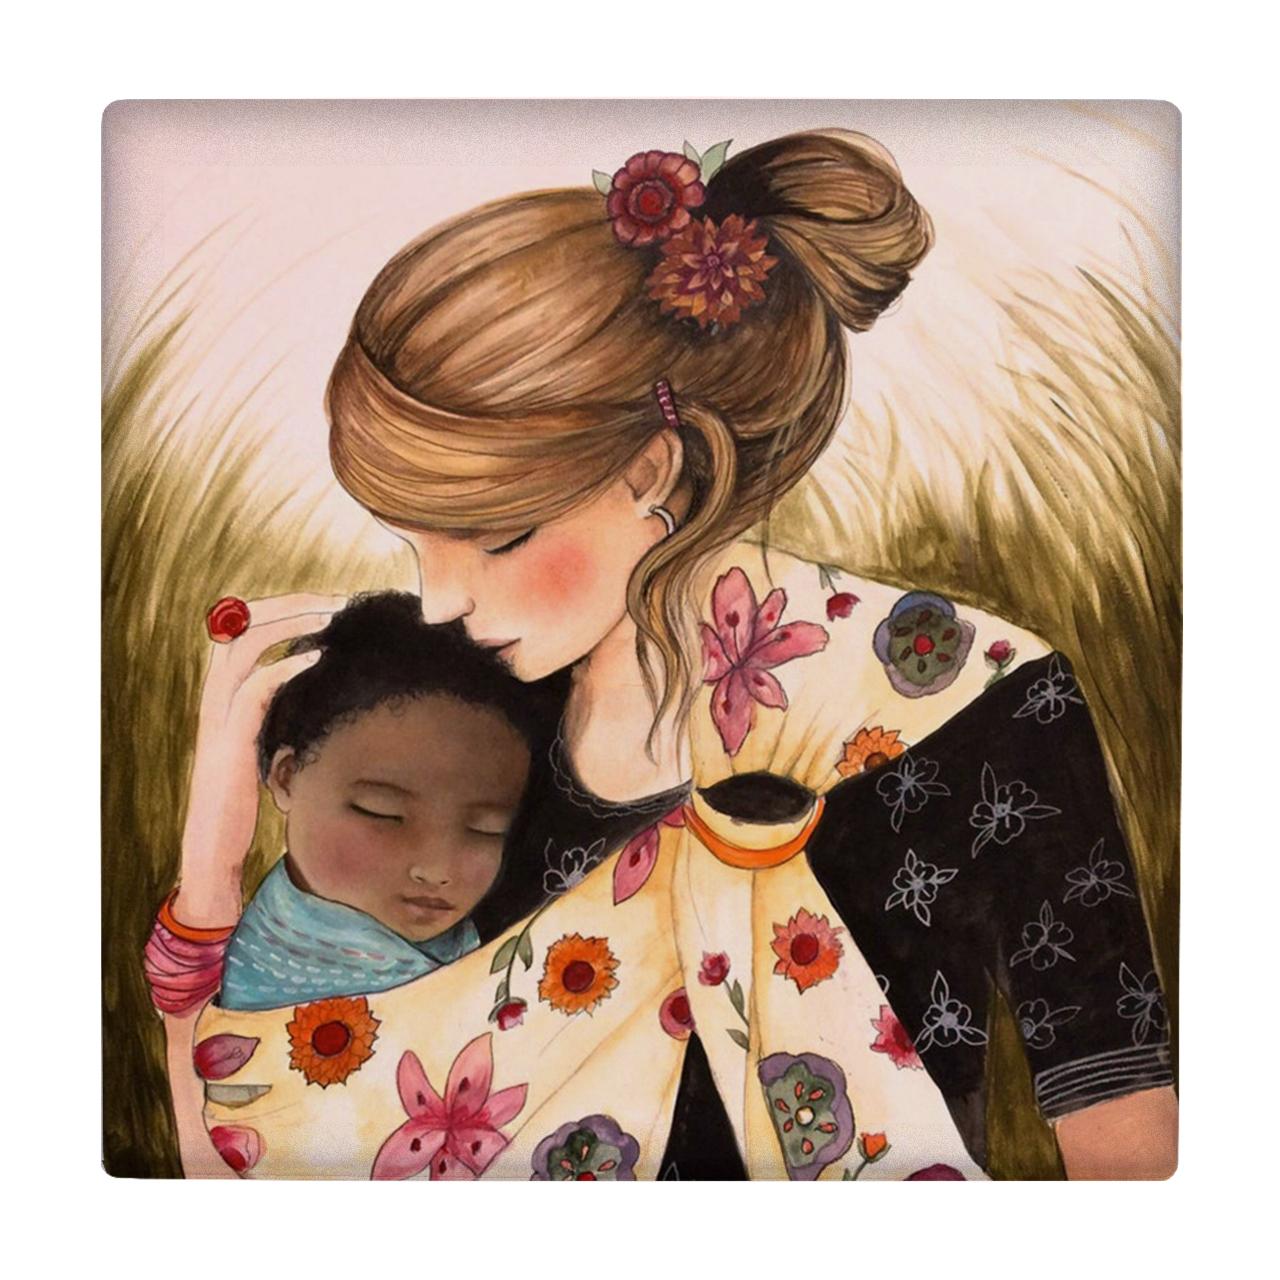 خرید                      کاشی طرح کودک و مادر کد wk180